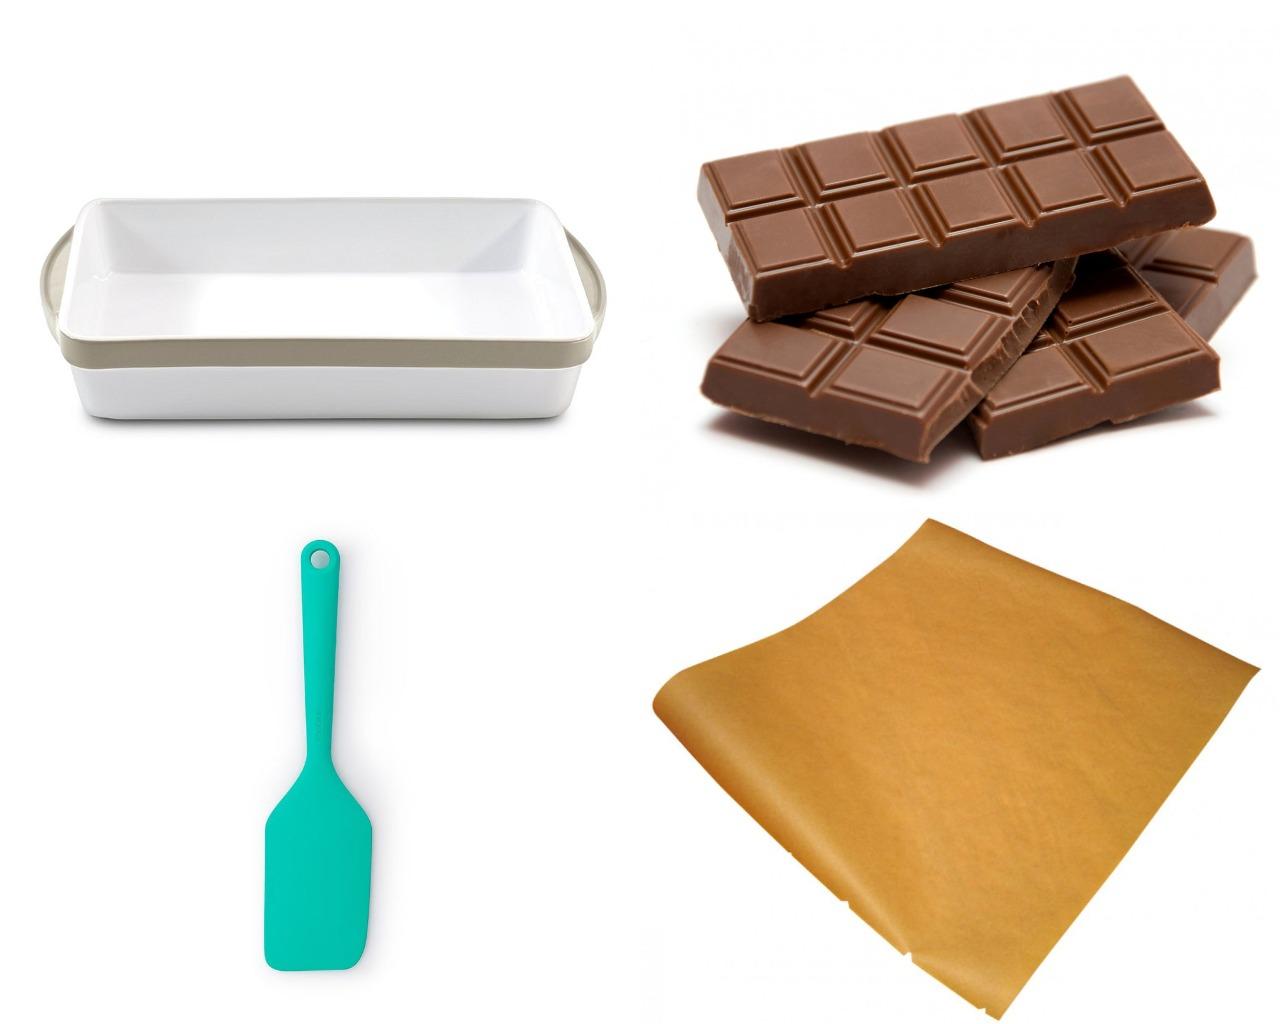 Инструменты и продукты для изготовления шоколадных букв